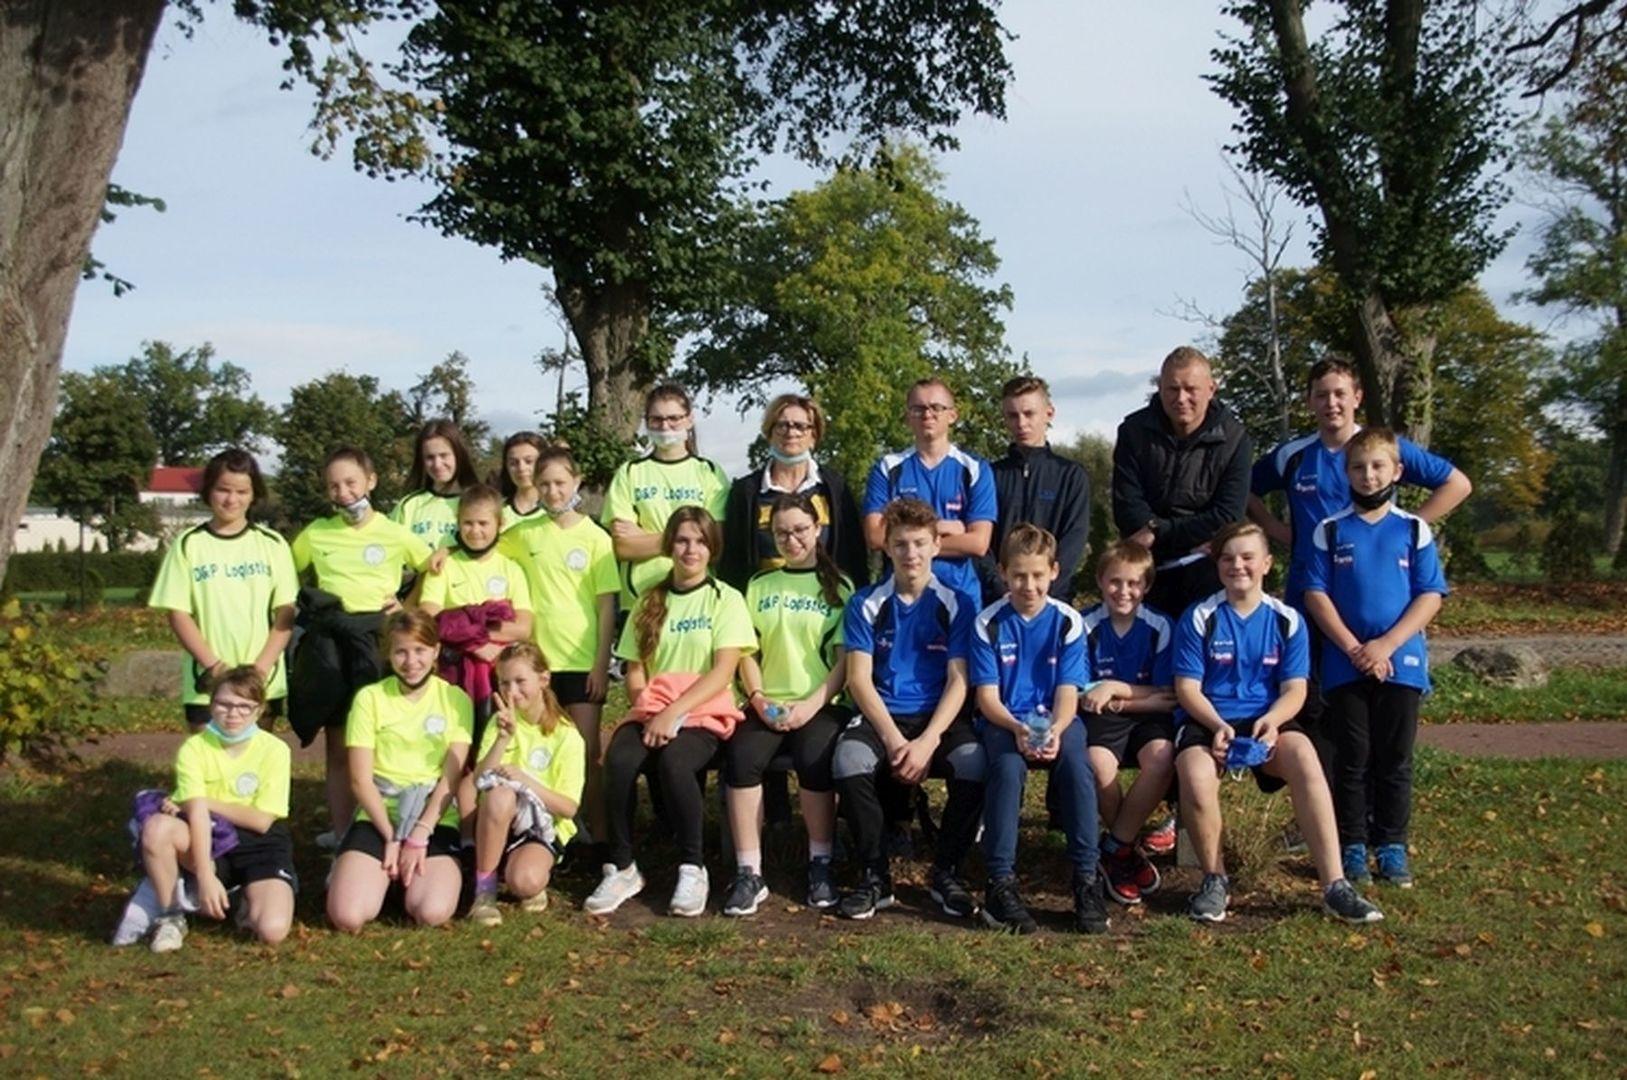 Reprezentacja dziewcząt i chłopców SP Lejkowo w drużynowych biegach przełajowych.